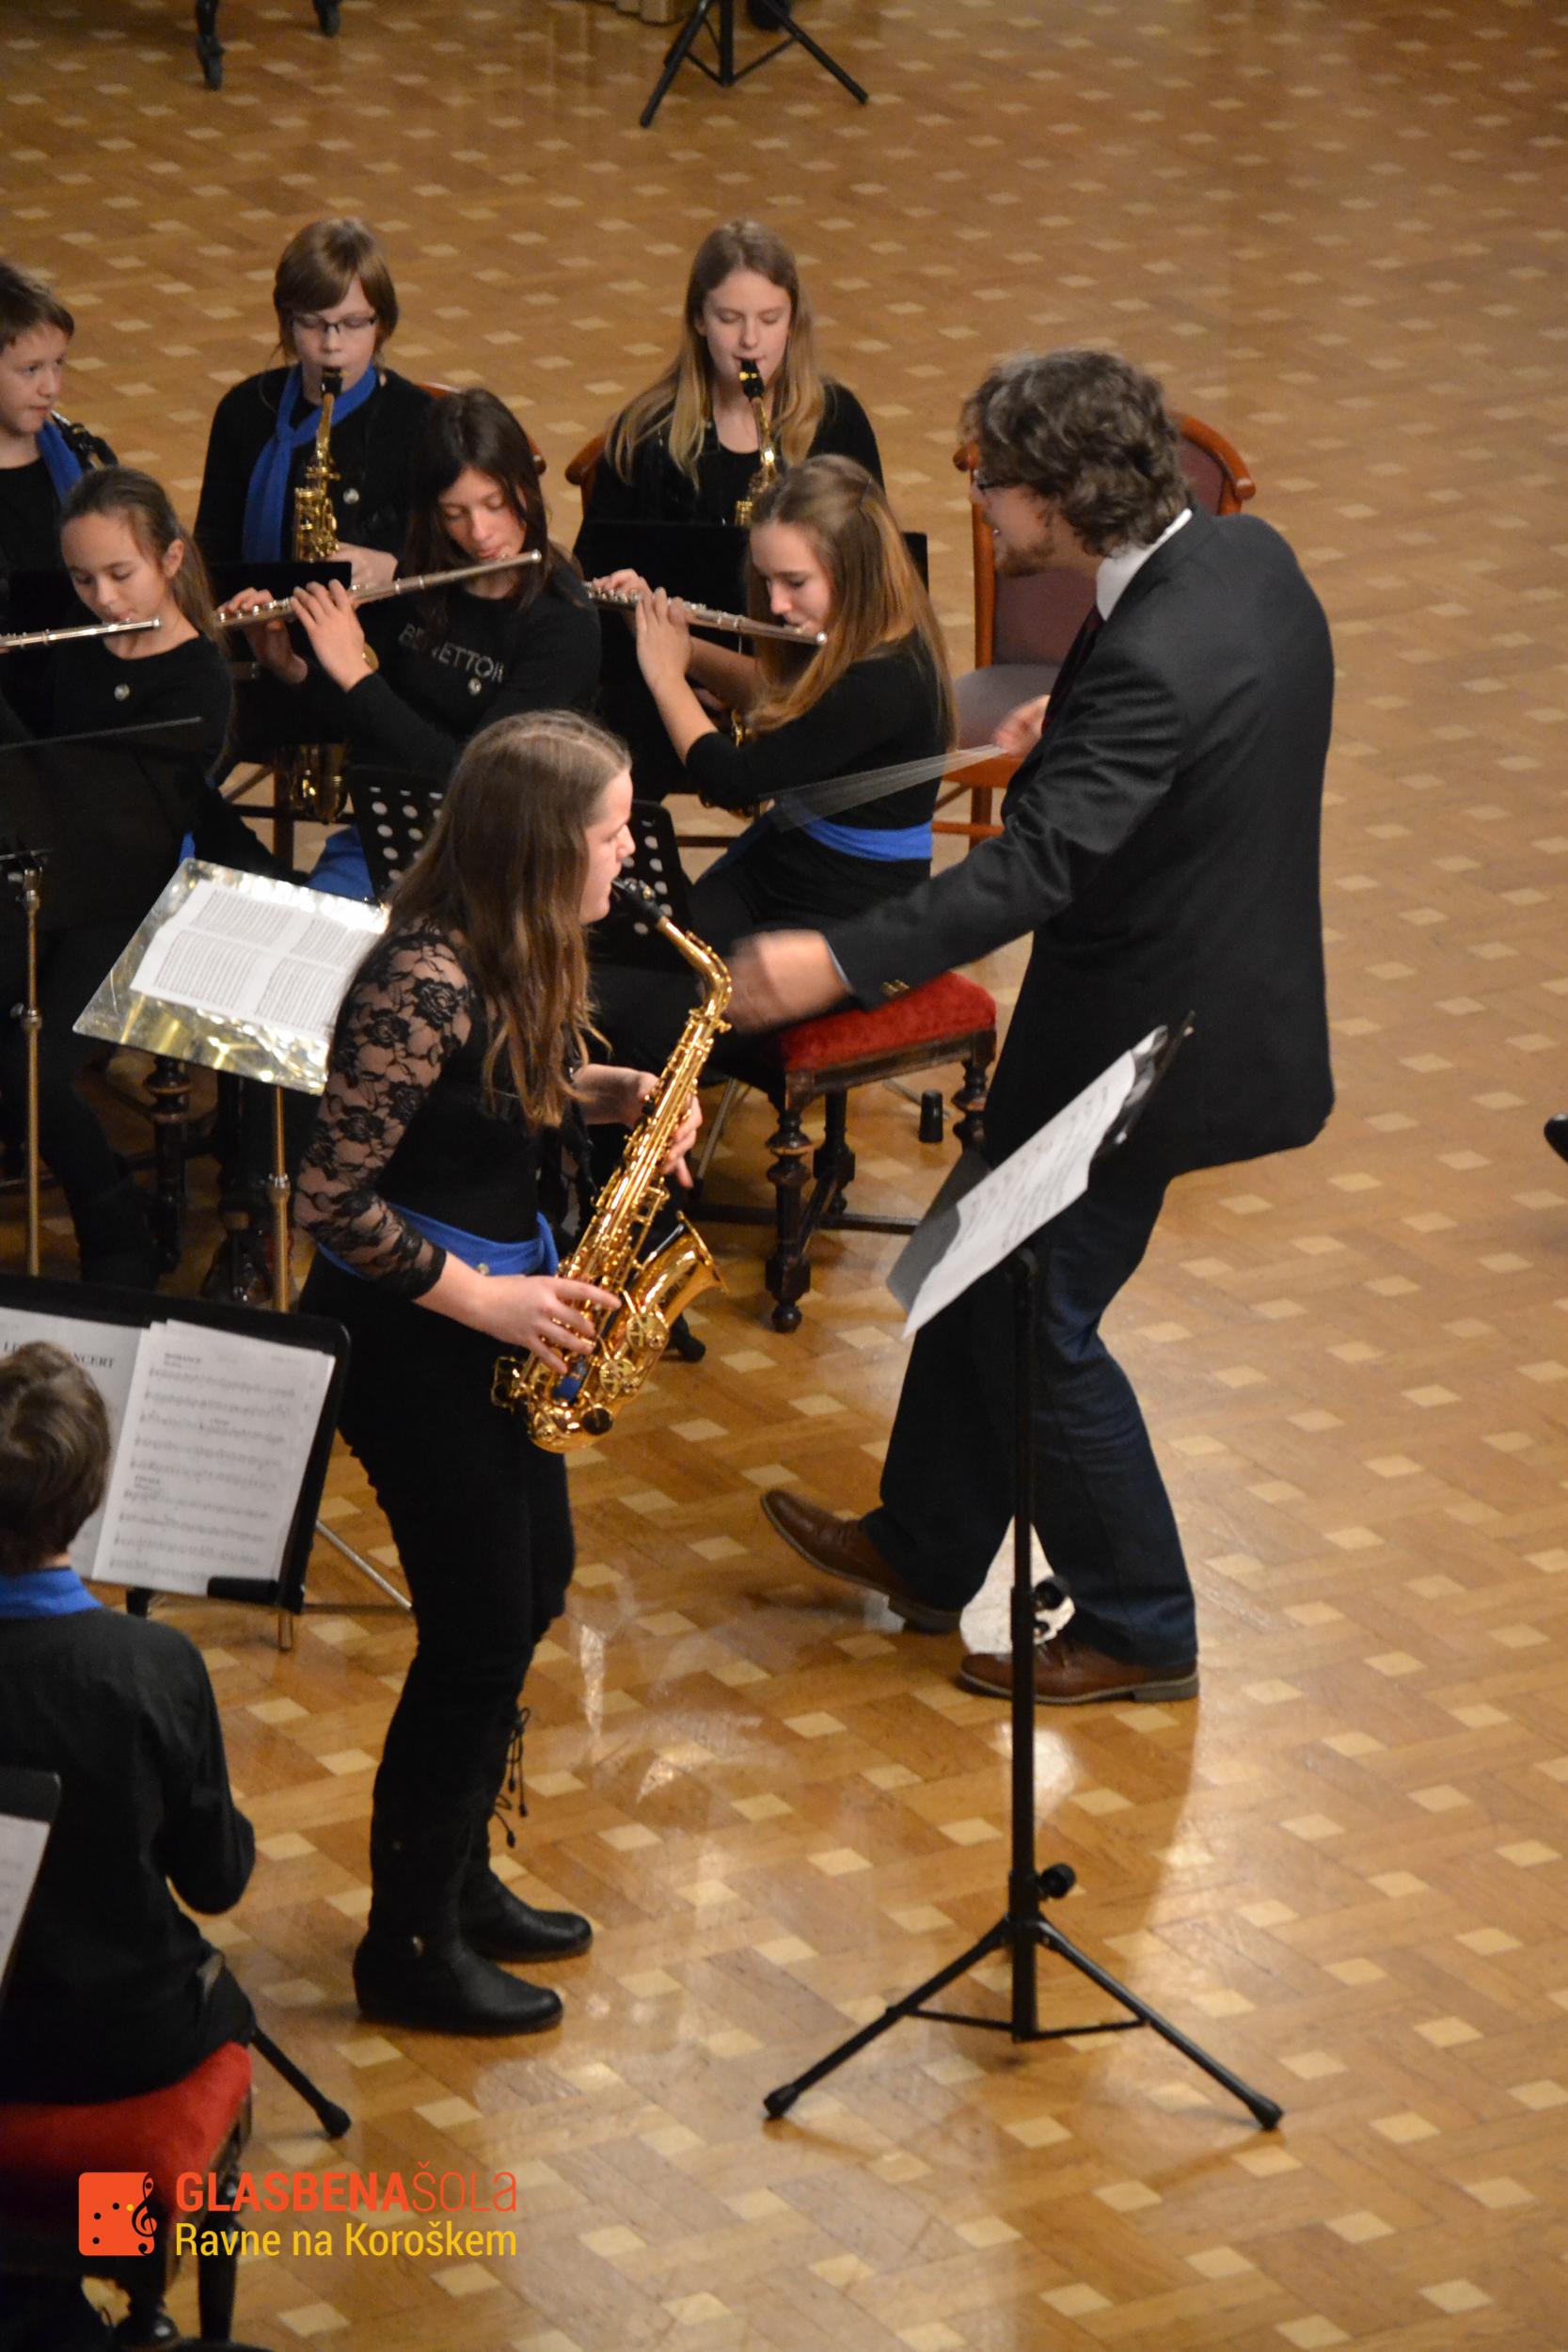 orkester_gs_ravne_rogaska-3